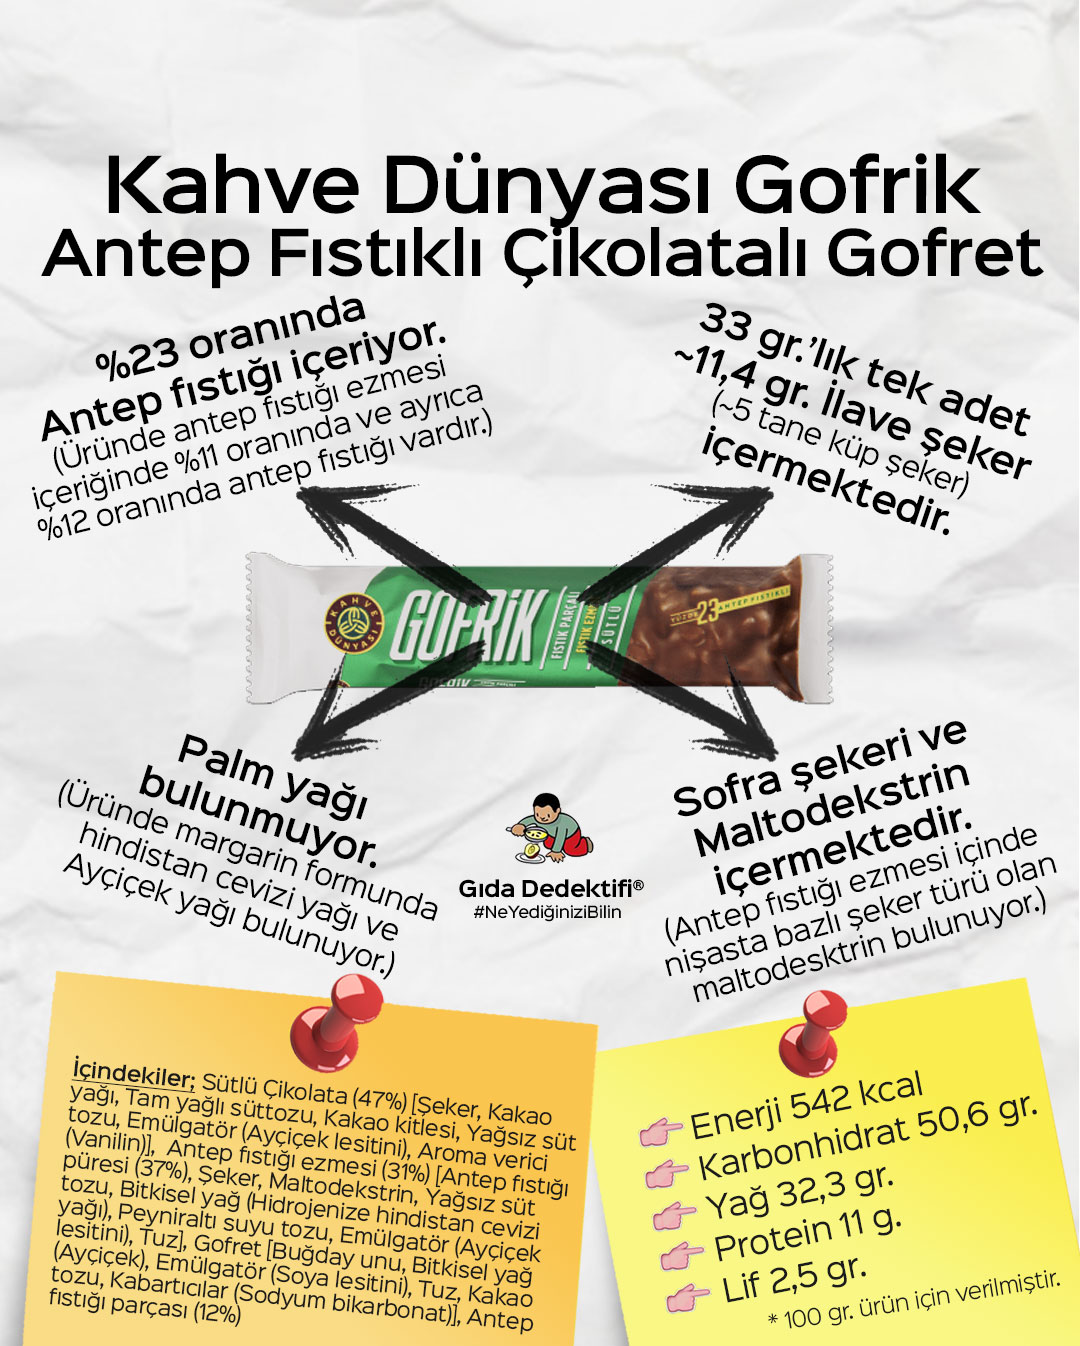 Kahve Dünyası Gofrik Antep Fıstıklı Sütlü Çikolatalı Gofret - Gıda Dedektifi